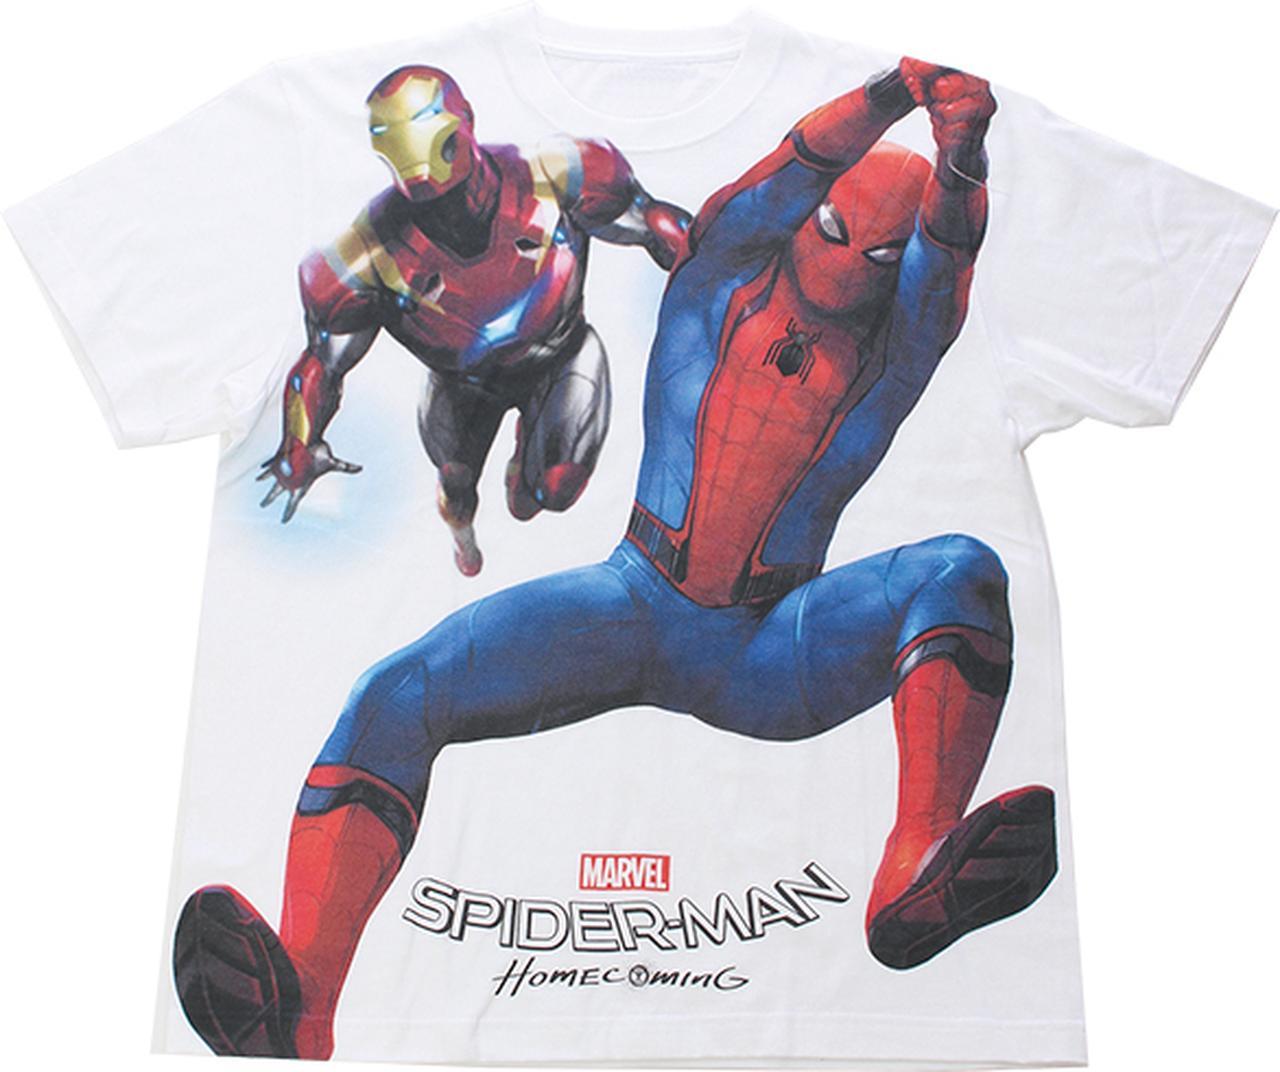 Images : 【MARVEL】 スパイダーマン:ホームカミング スパイダーマン&アイアンマン